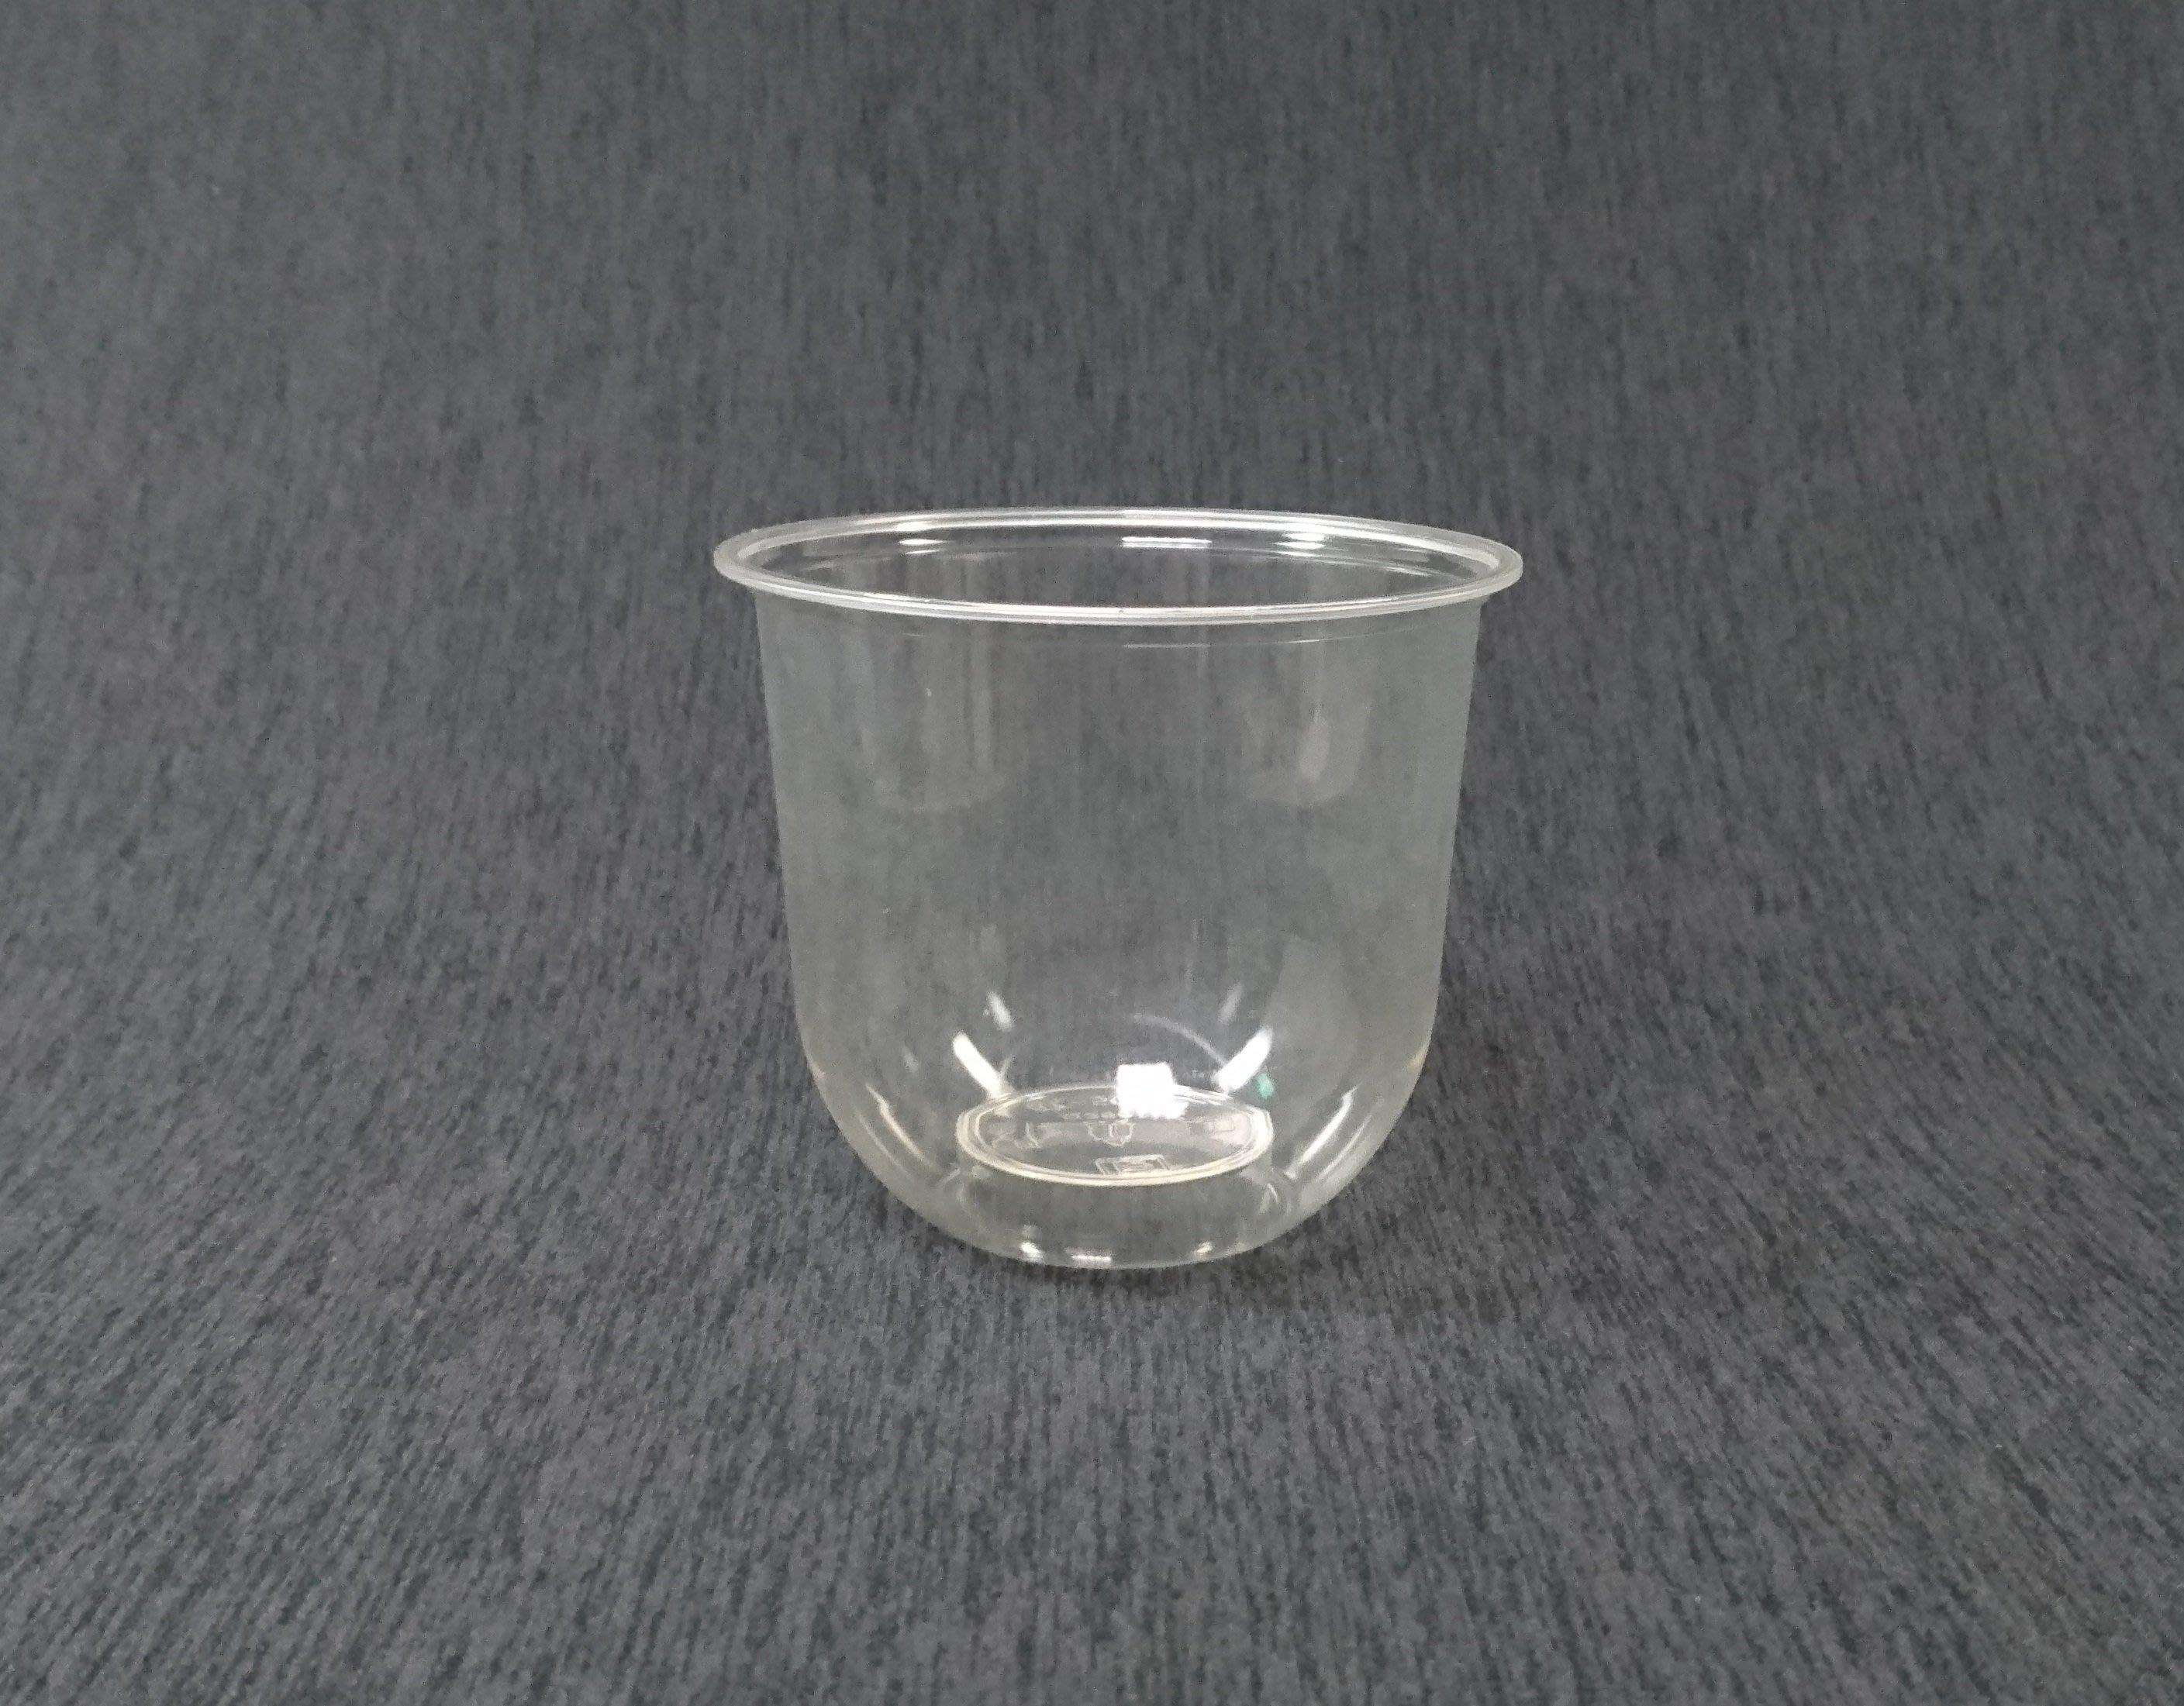 100個 環保可分解【PLA Q360 捲邊冷飲杯】U形杯 透明杯 塑膠杯 平面杯 啤酒杯 冰砂杯 外帶杯子